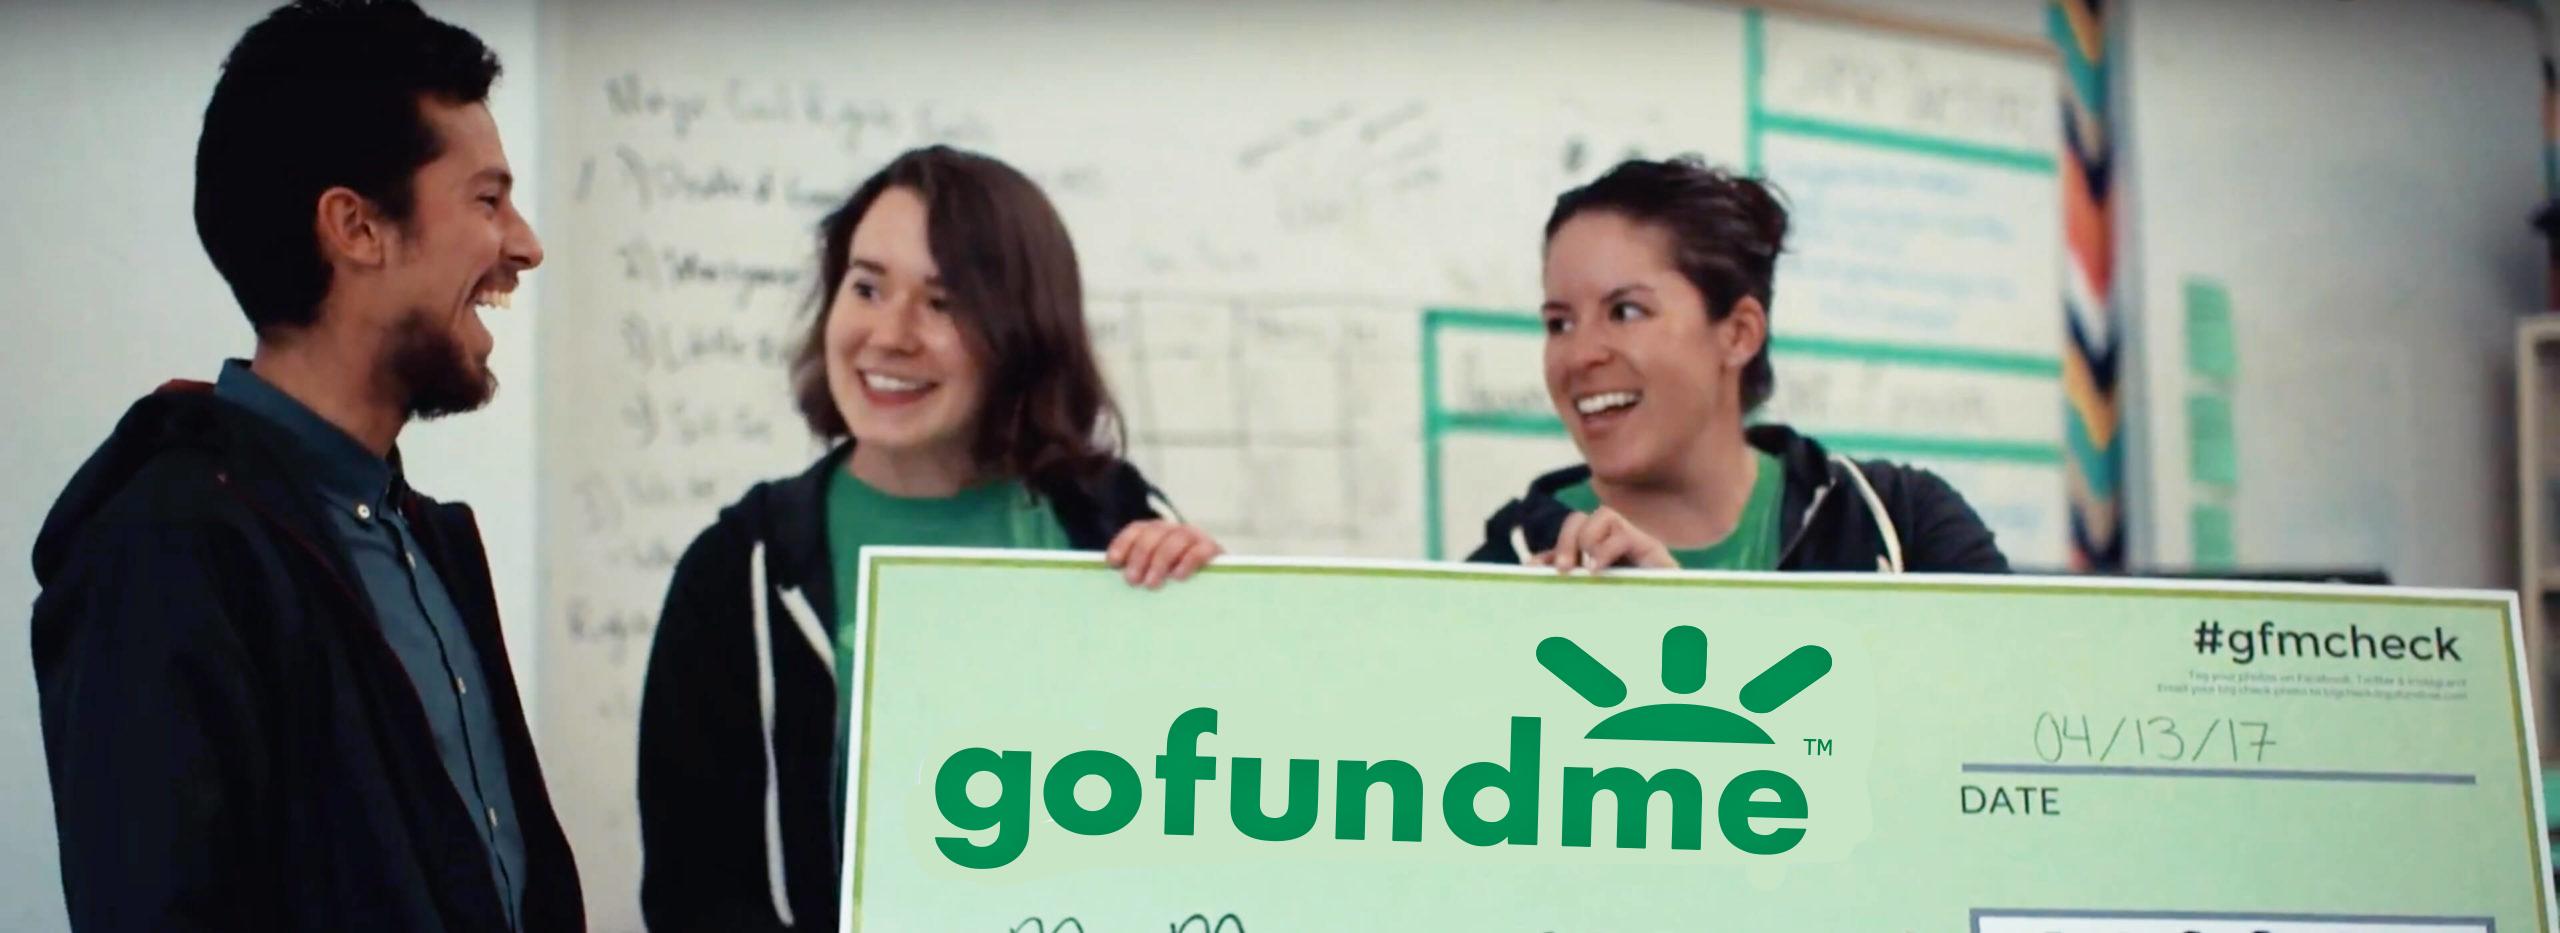 GoFundMe Gives Back Program